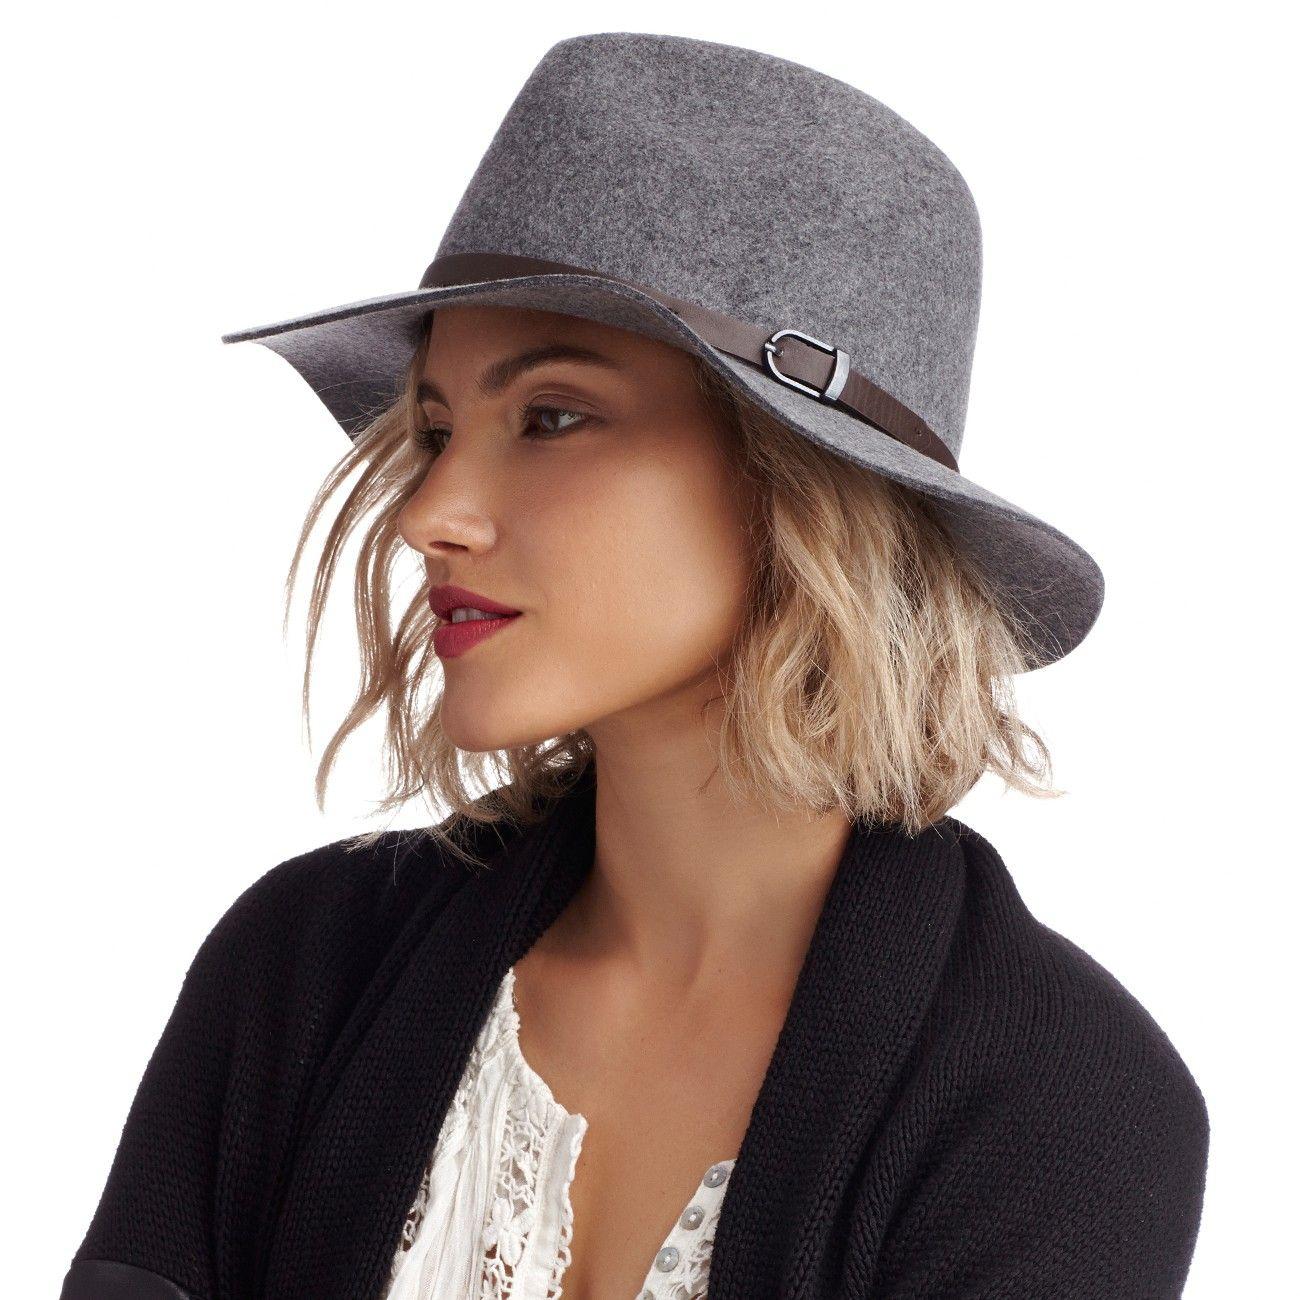 Charcoal Wool Panama Hat  3e5fb9111da